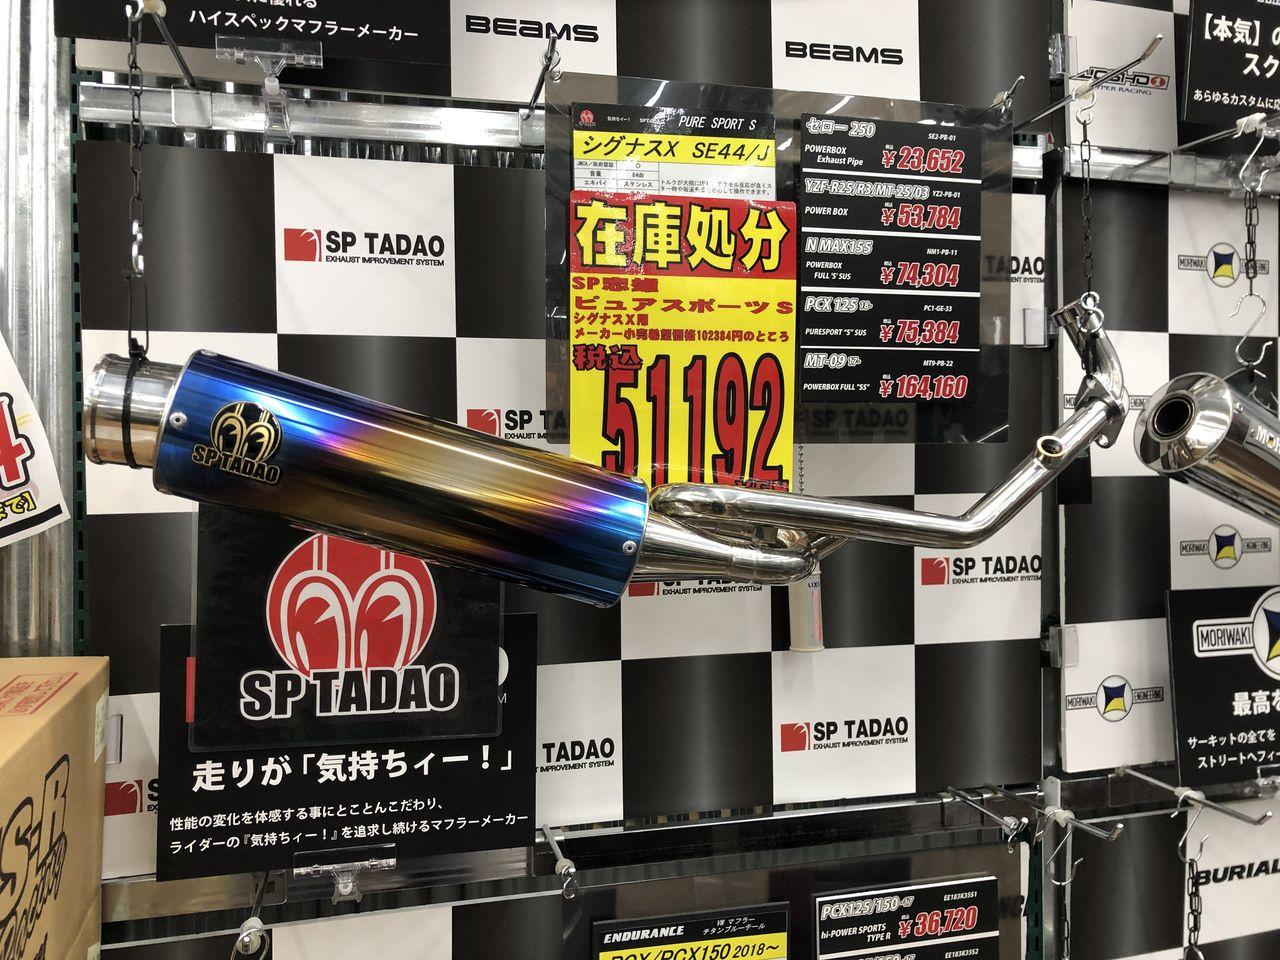 70B1173D-4B6B-40E3-94C6-1E62FF69866F